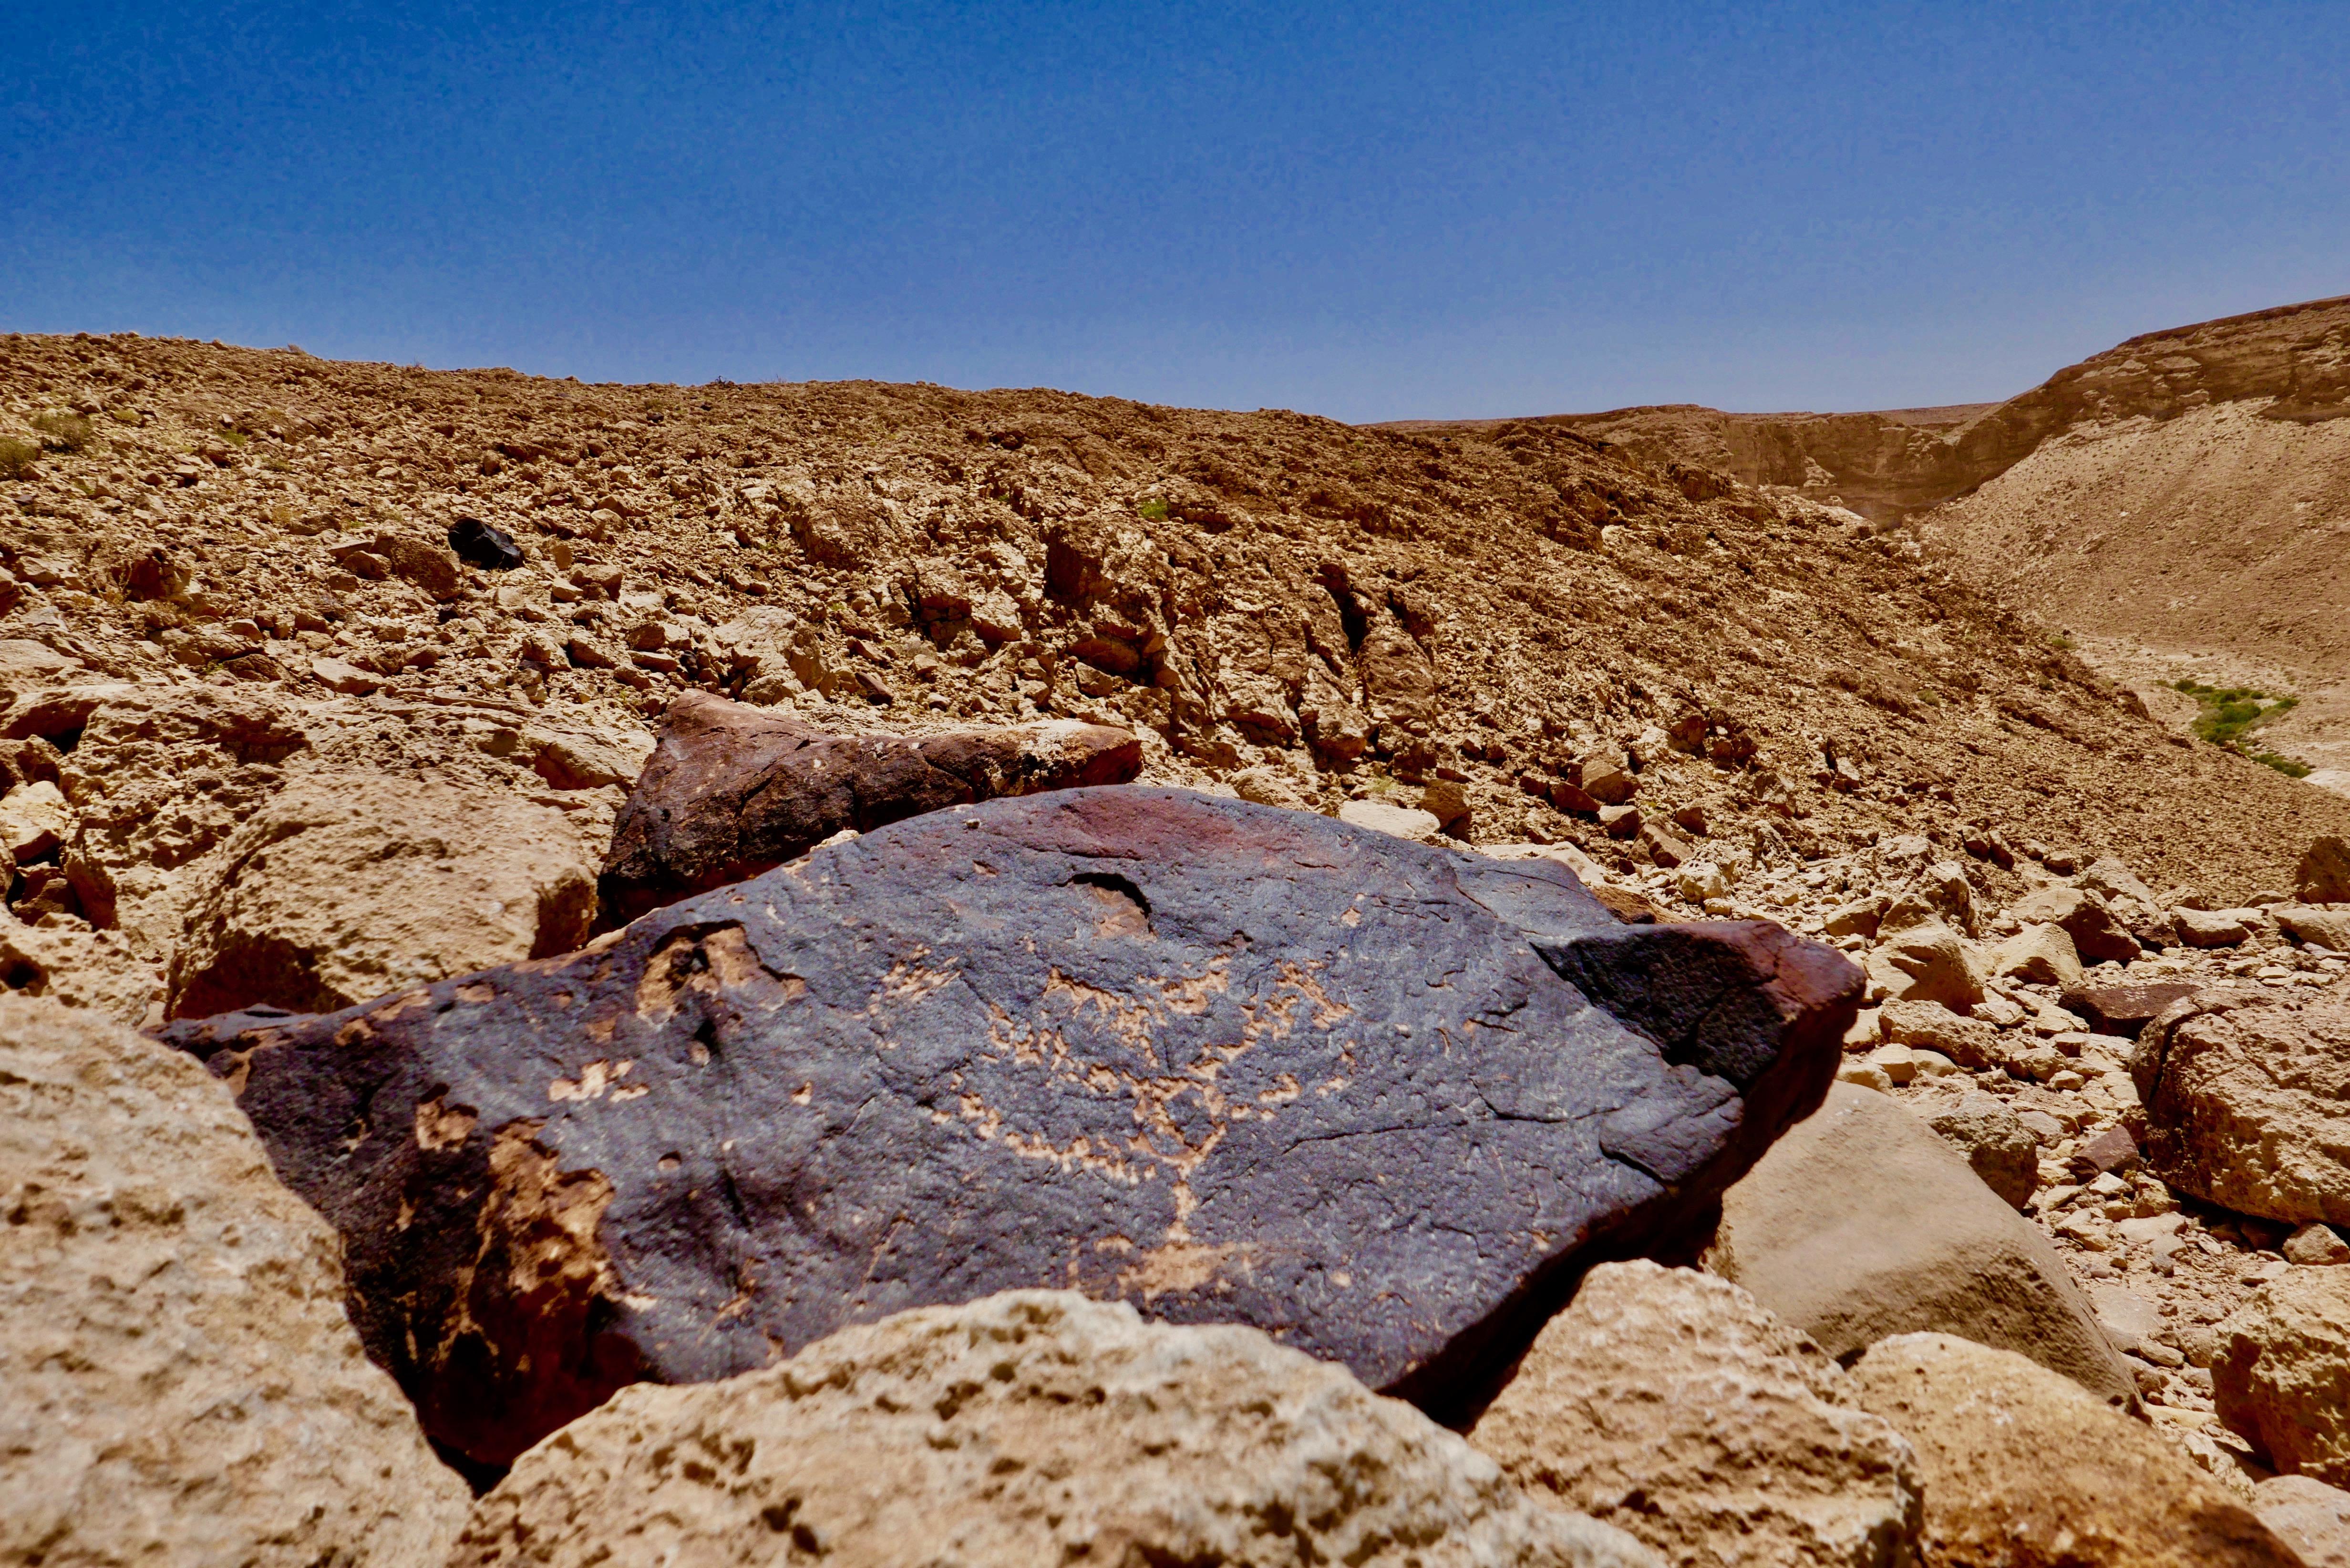 Eingravierungen von jüdischen Symbolen in der Wüste